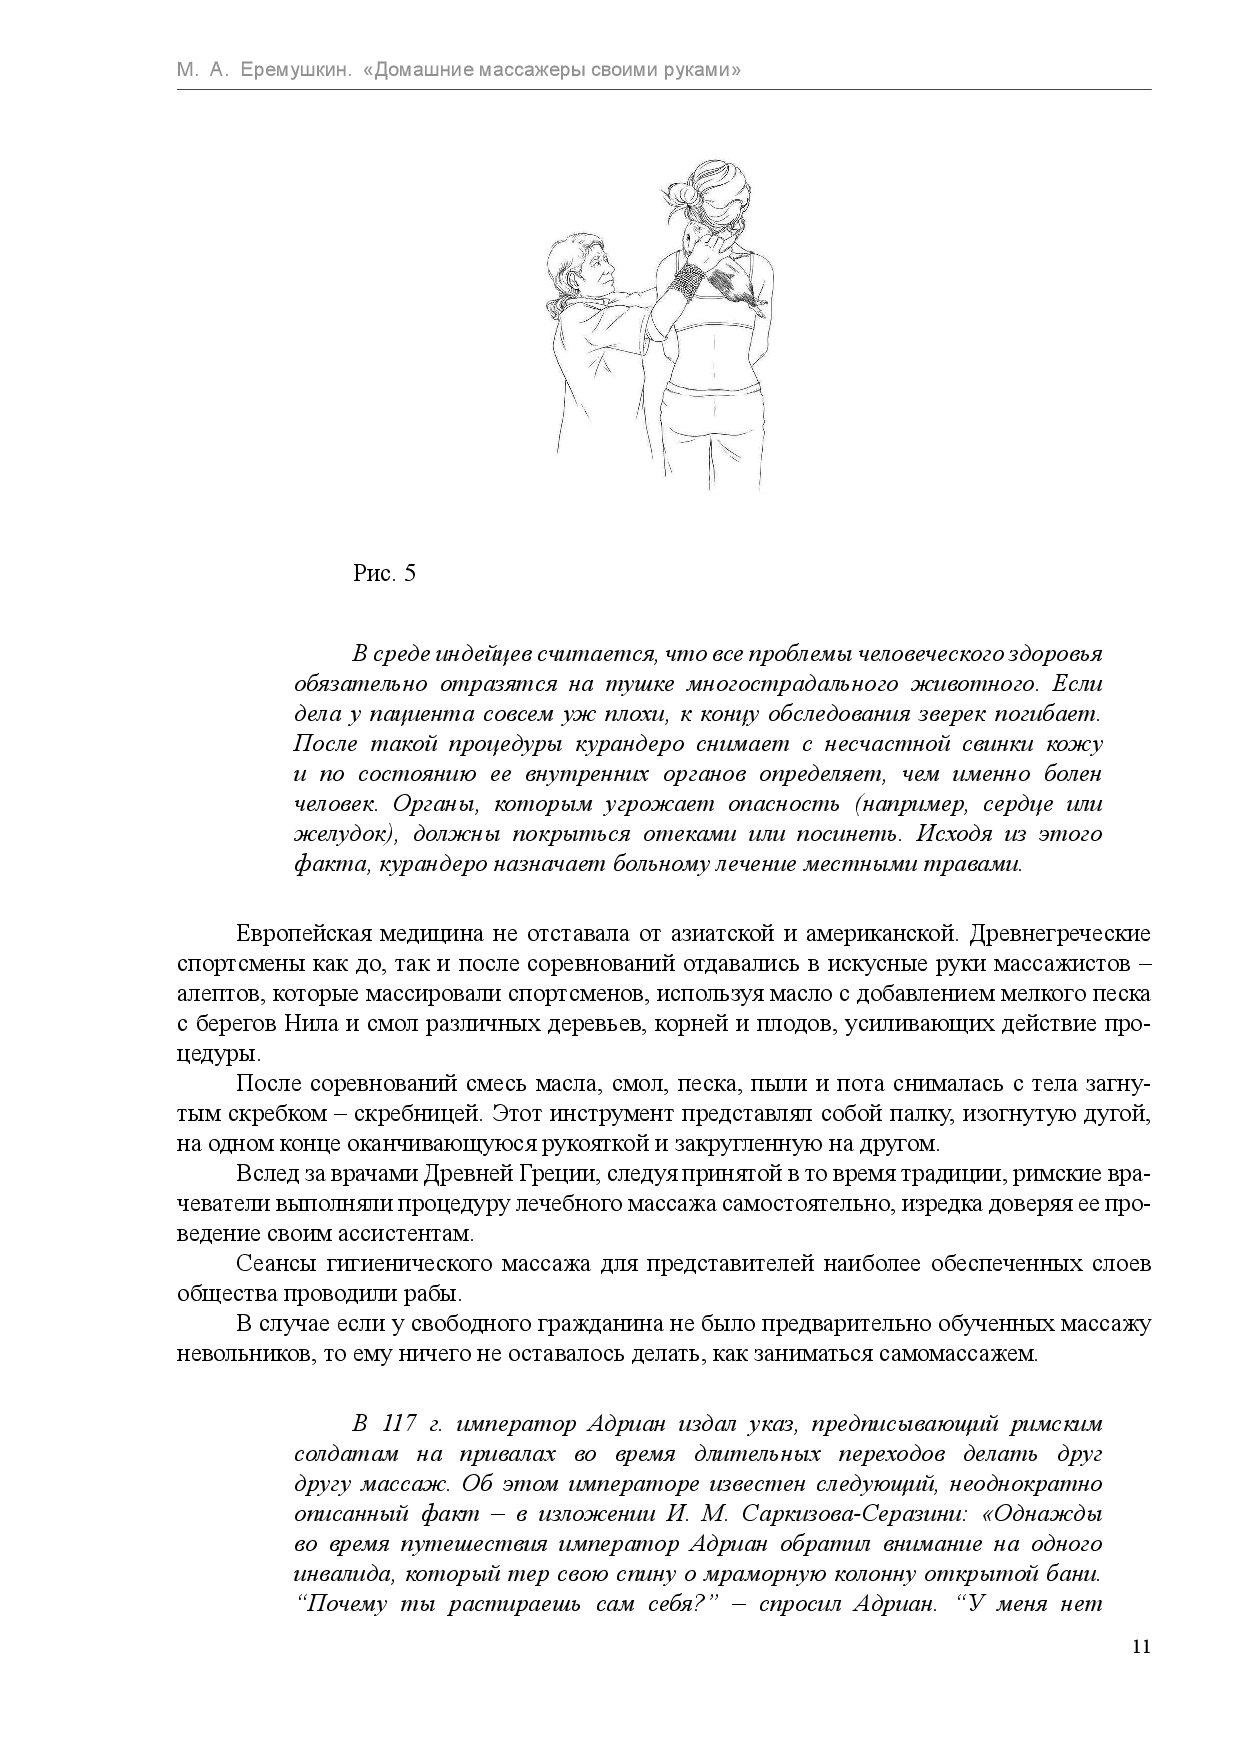 Домашние массажеры своими руками михаил анатольевич еремушкин 54